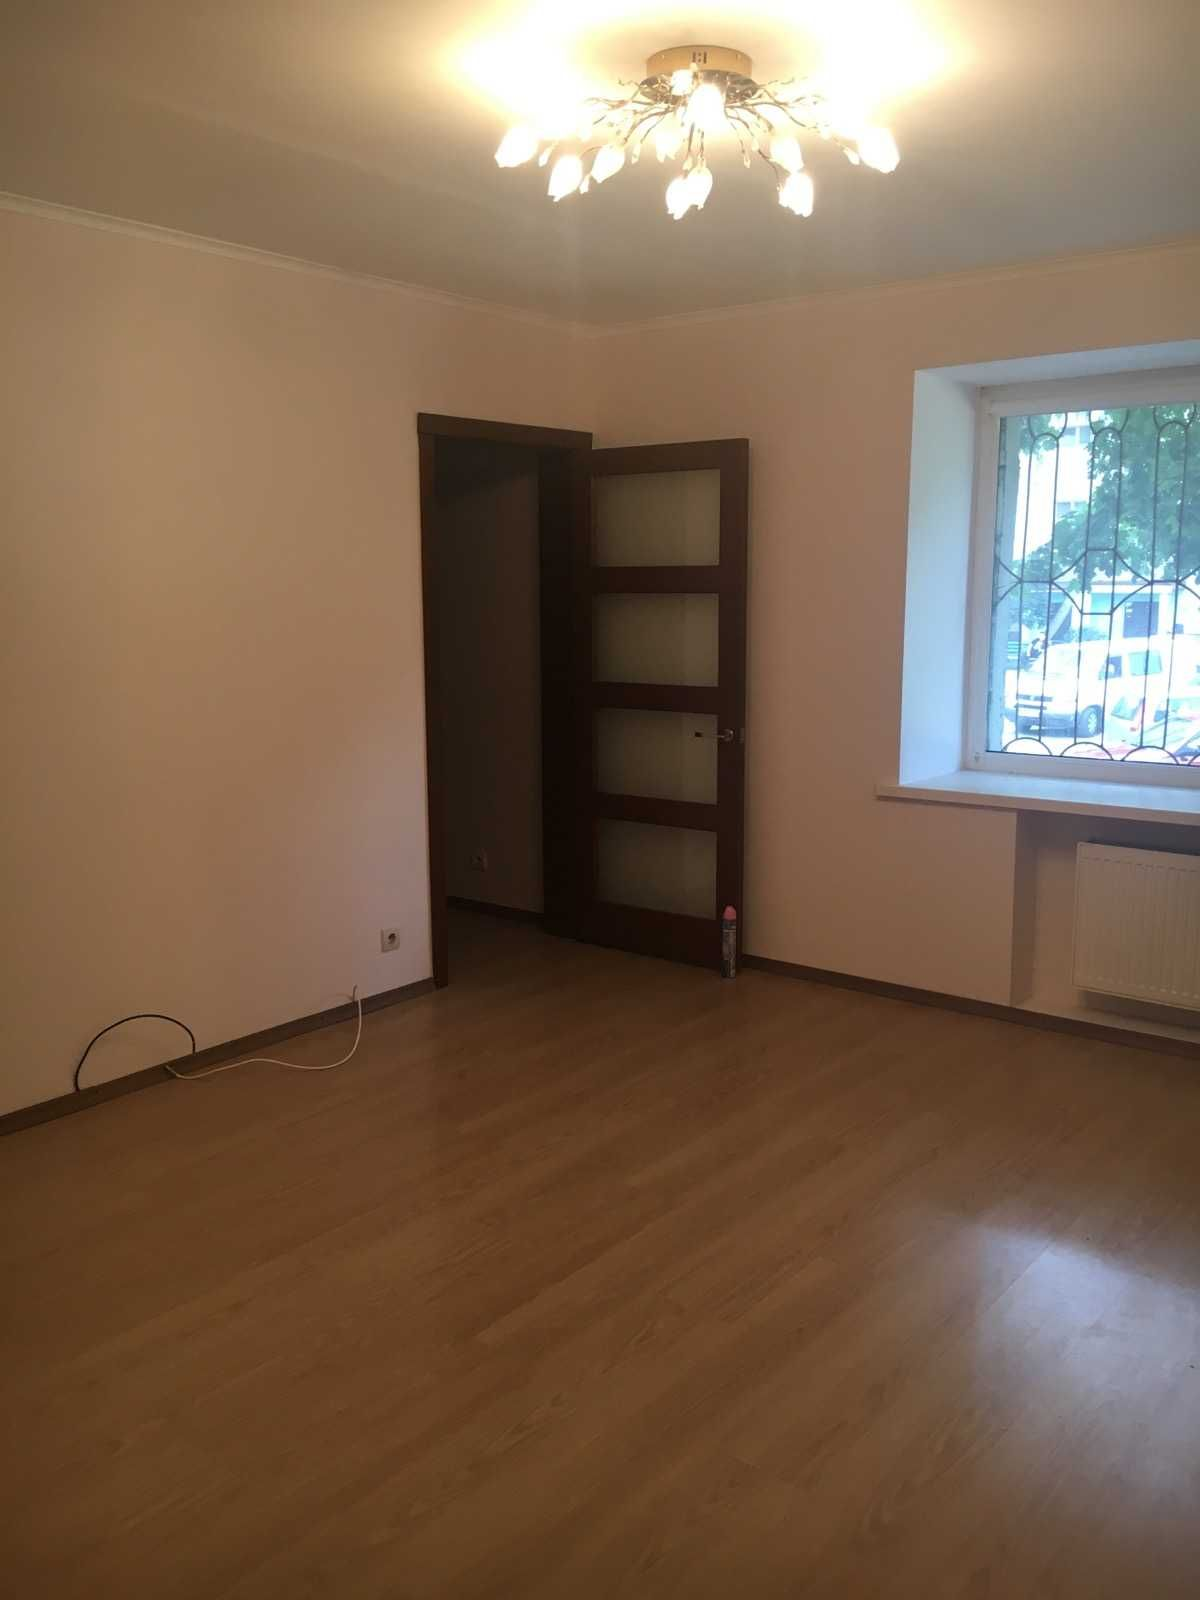 4 кімнатна квартира з автономним опаленням